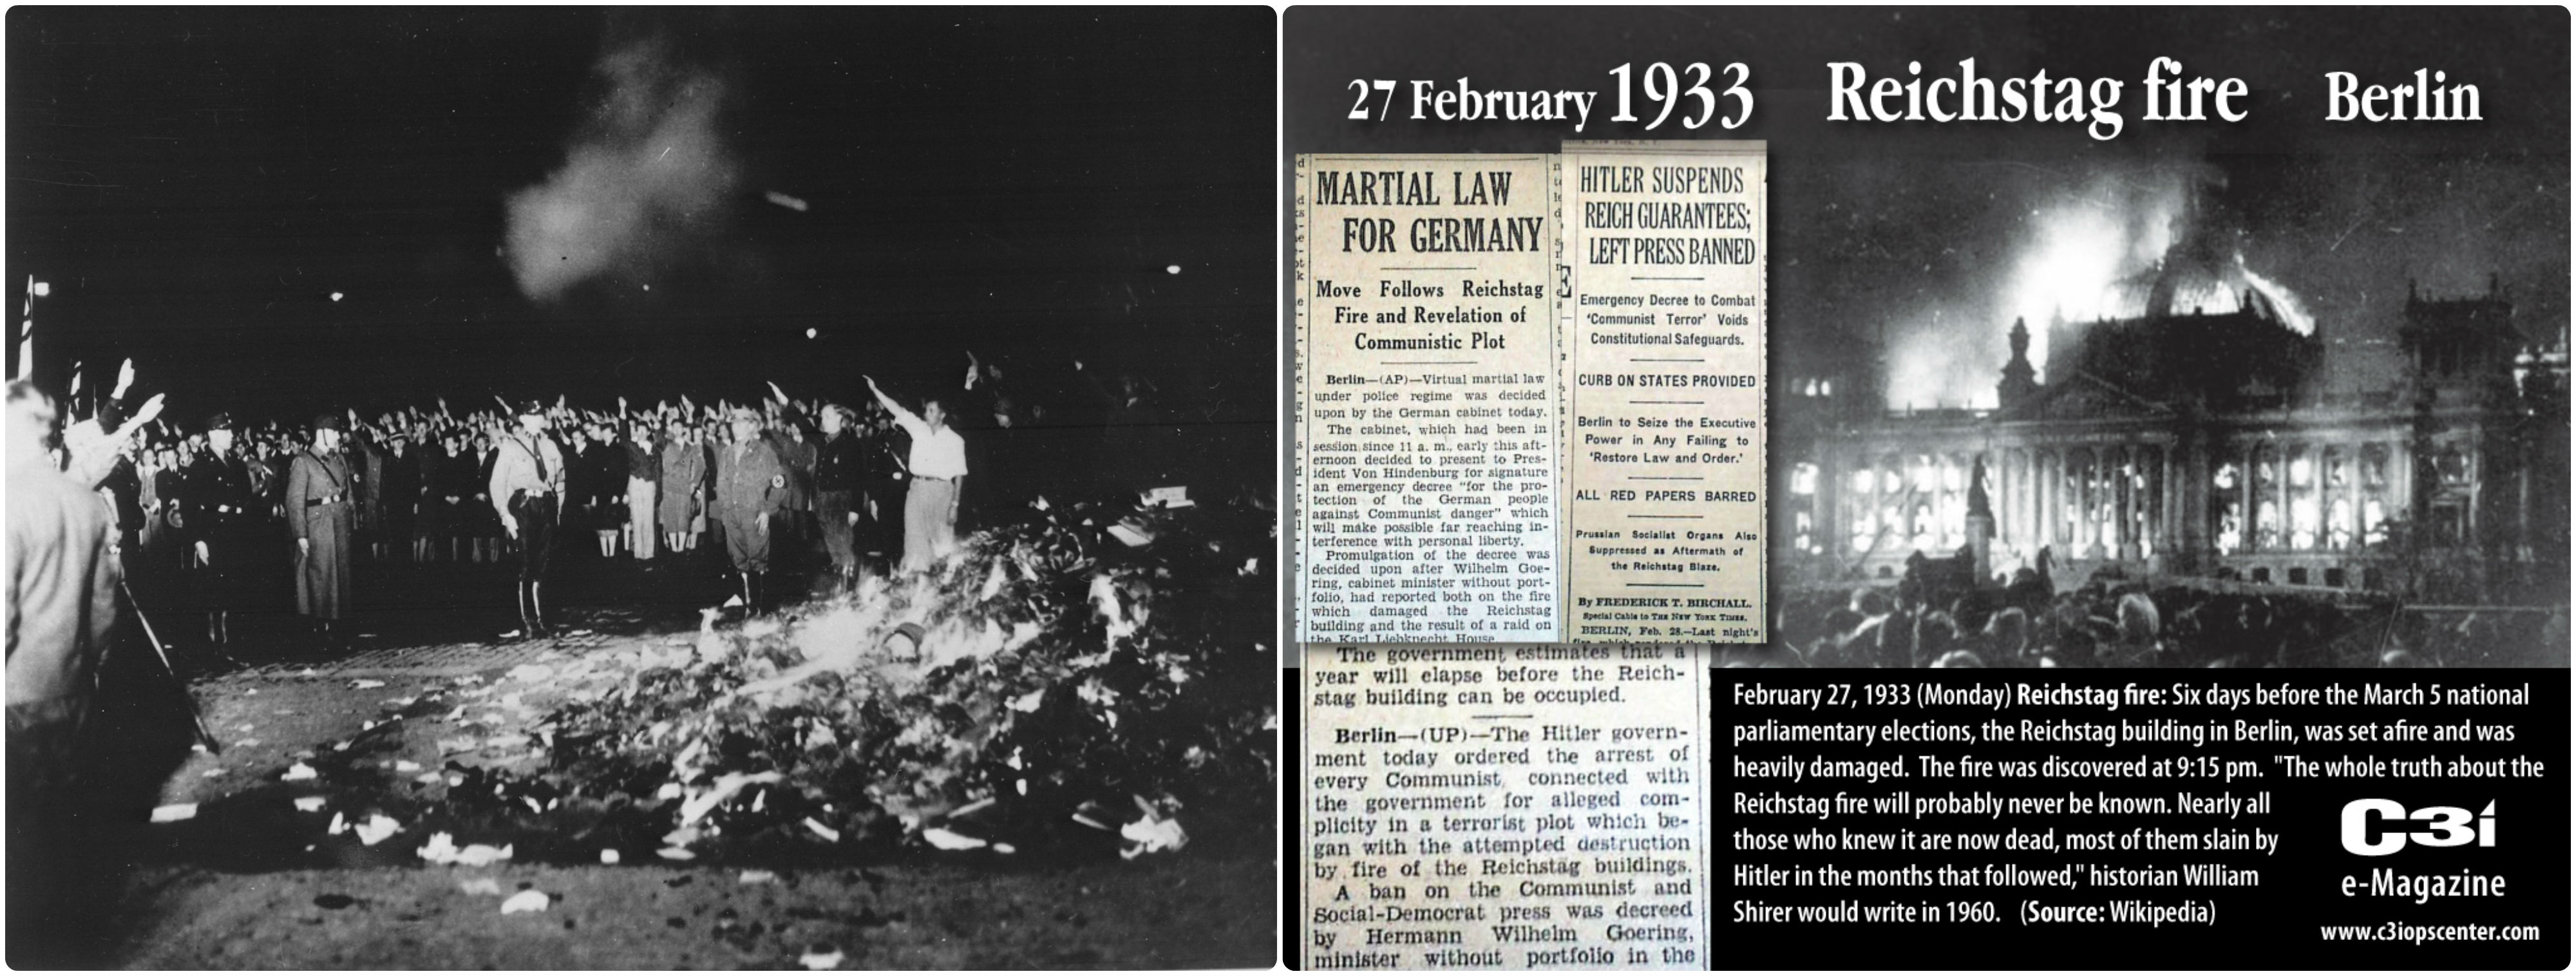 1933年政壇崛起的希特勒曾經發動全國焚書運動運動(左),當年亦策畫燒毀國會(右)